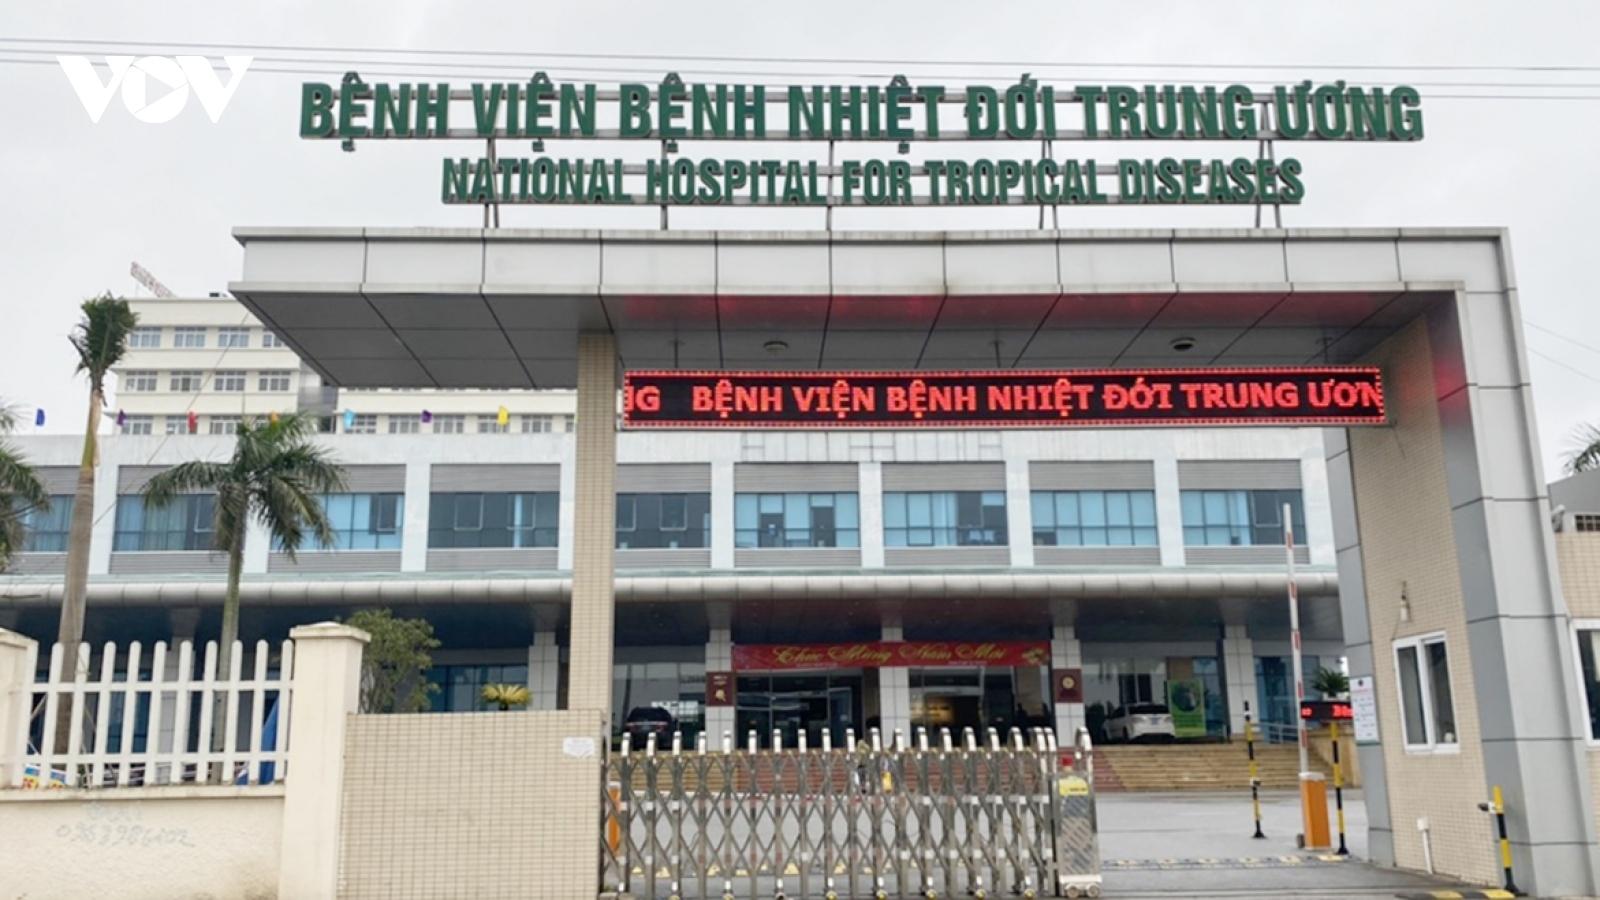 Bệnh viện Bệnh nhiệt đới Trung ương dừng khám, tiếp nhận BN vì có bác sĩ mắc COVID-19